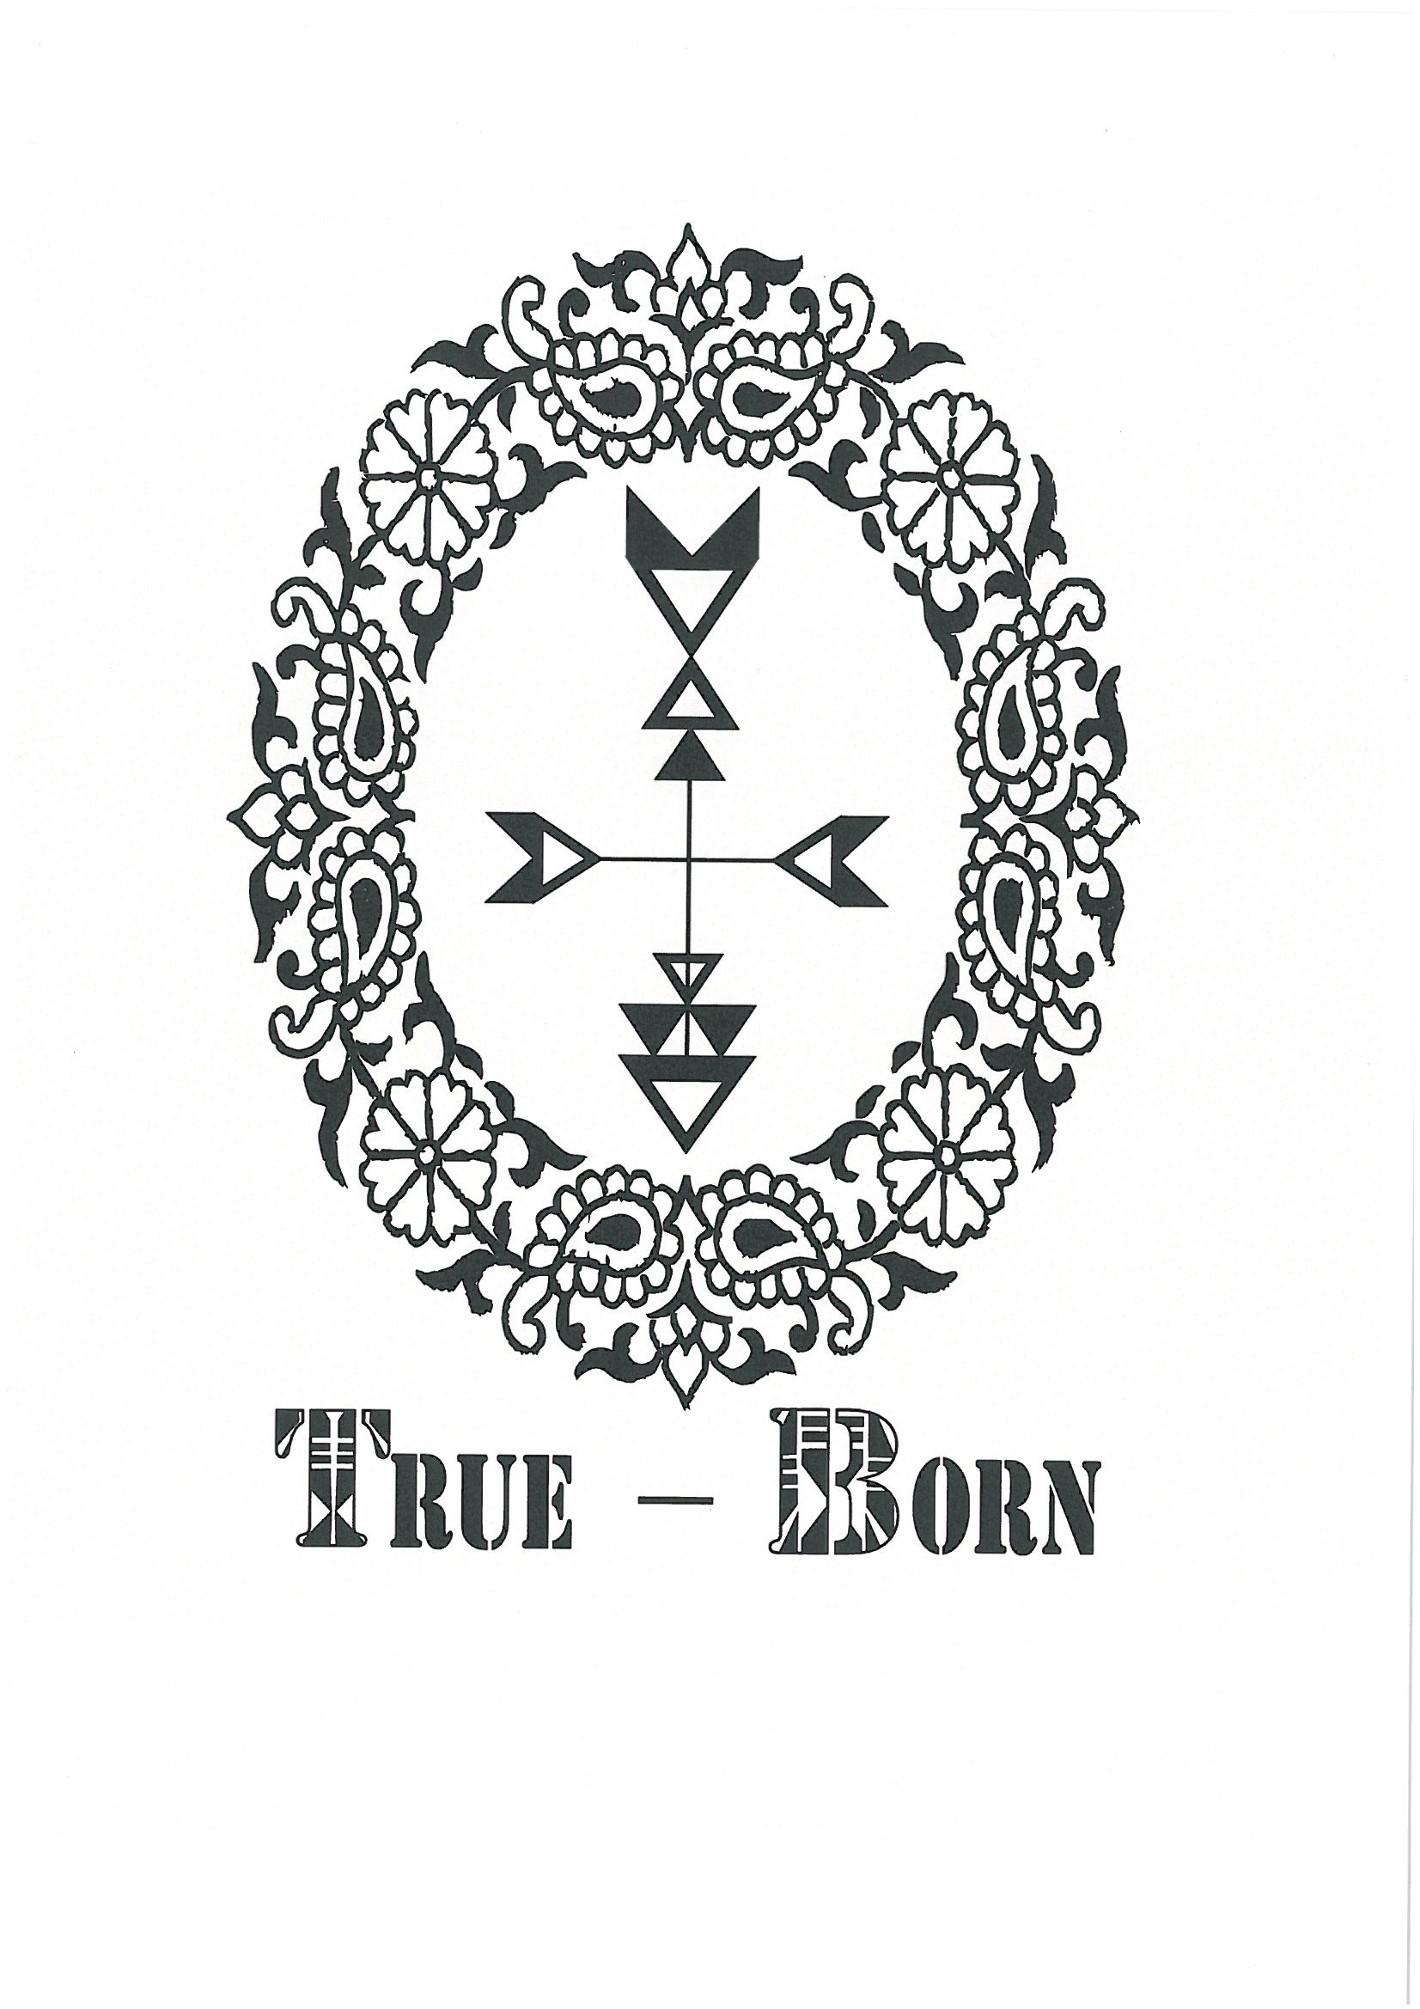 TRUE - BORN